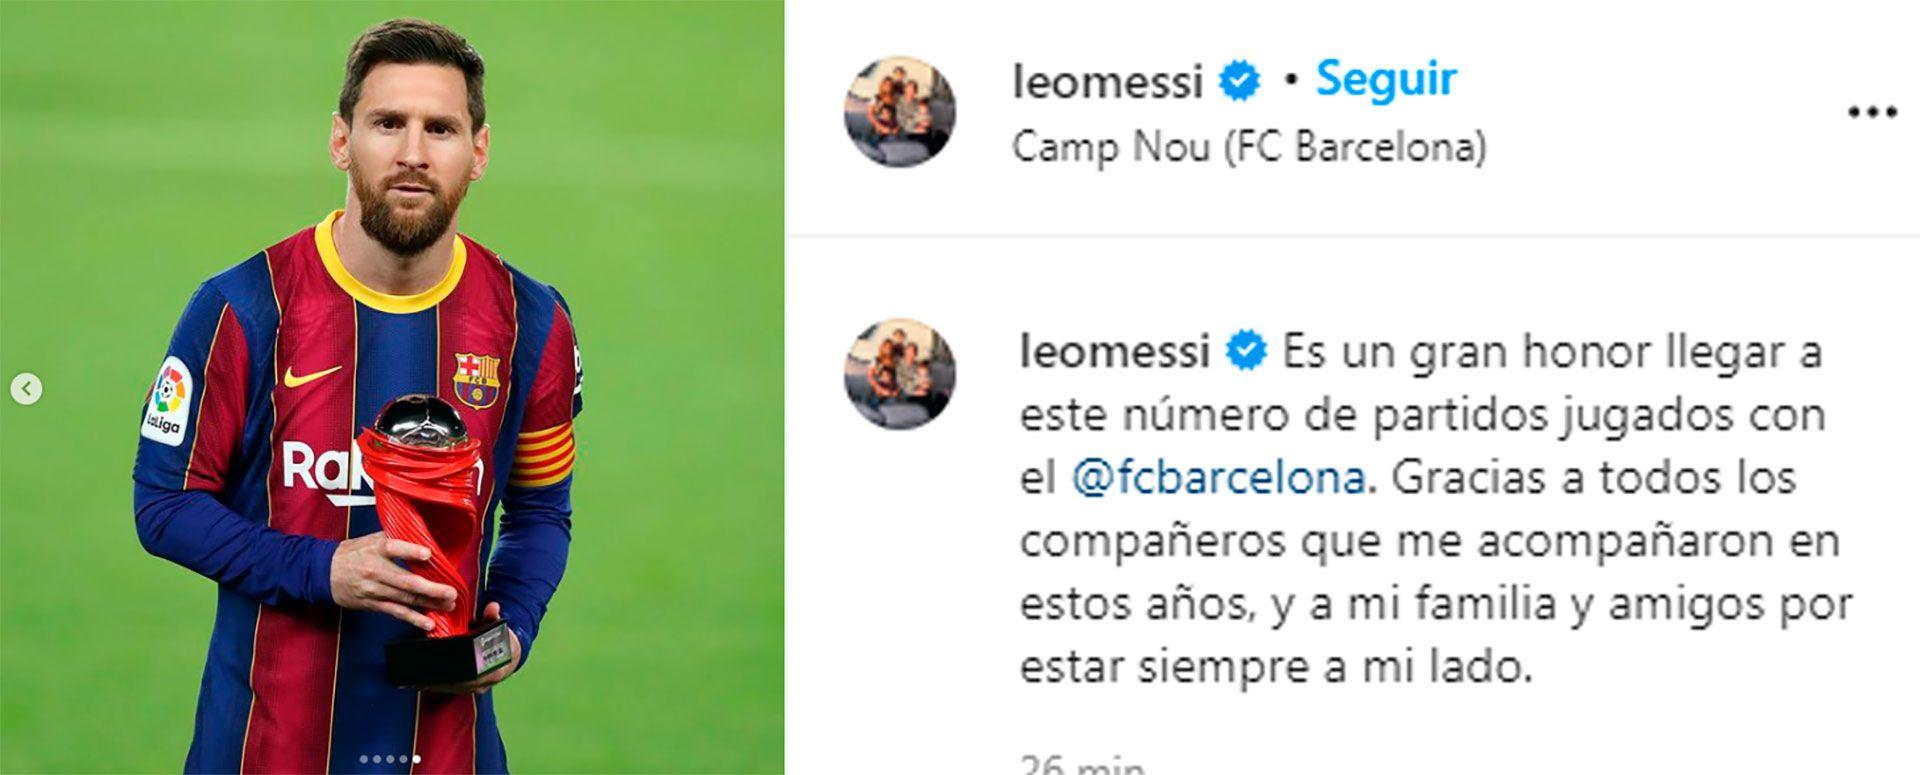 el mensaje de Messi en Instagram por su récord con el Barcelona